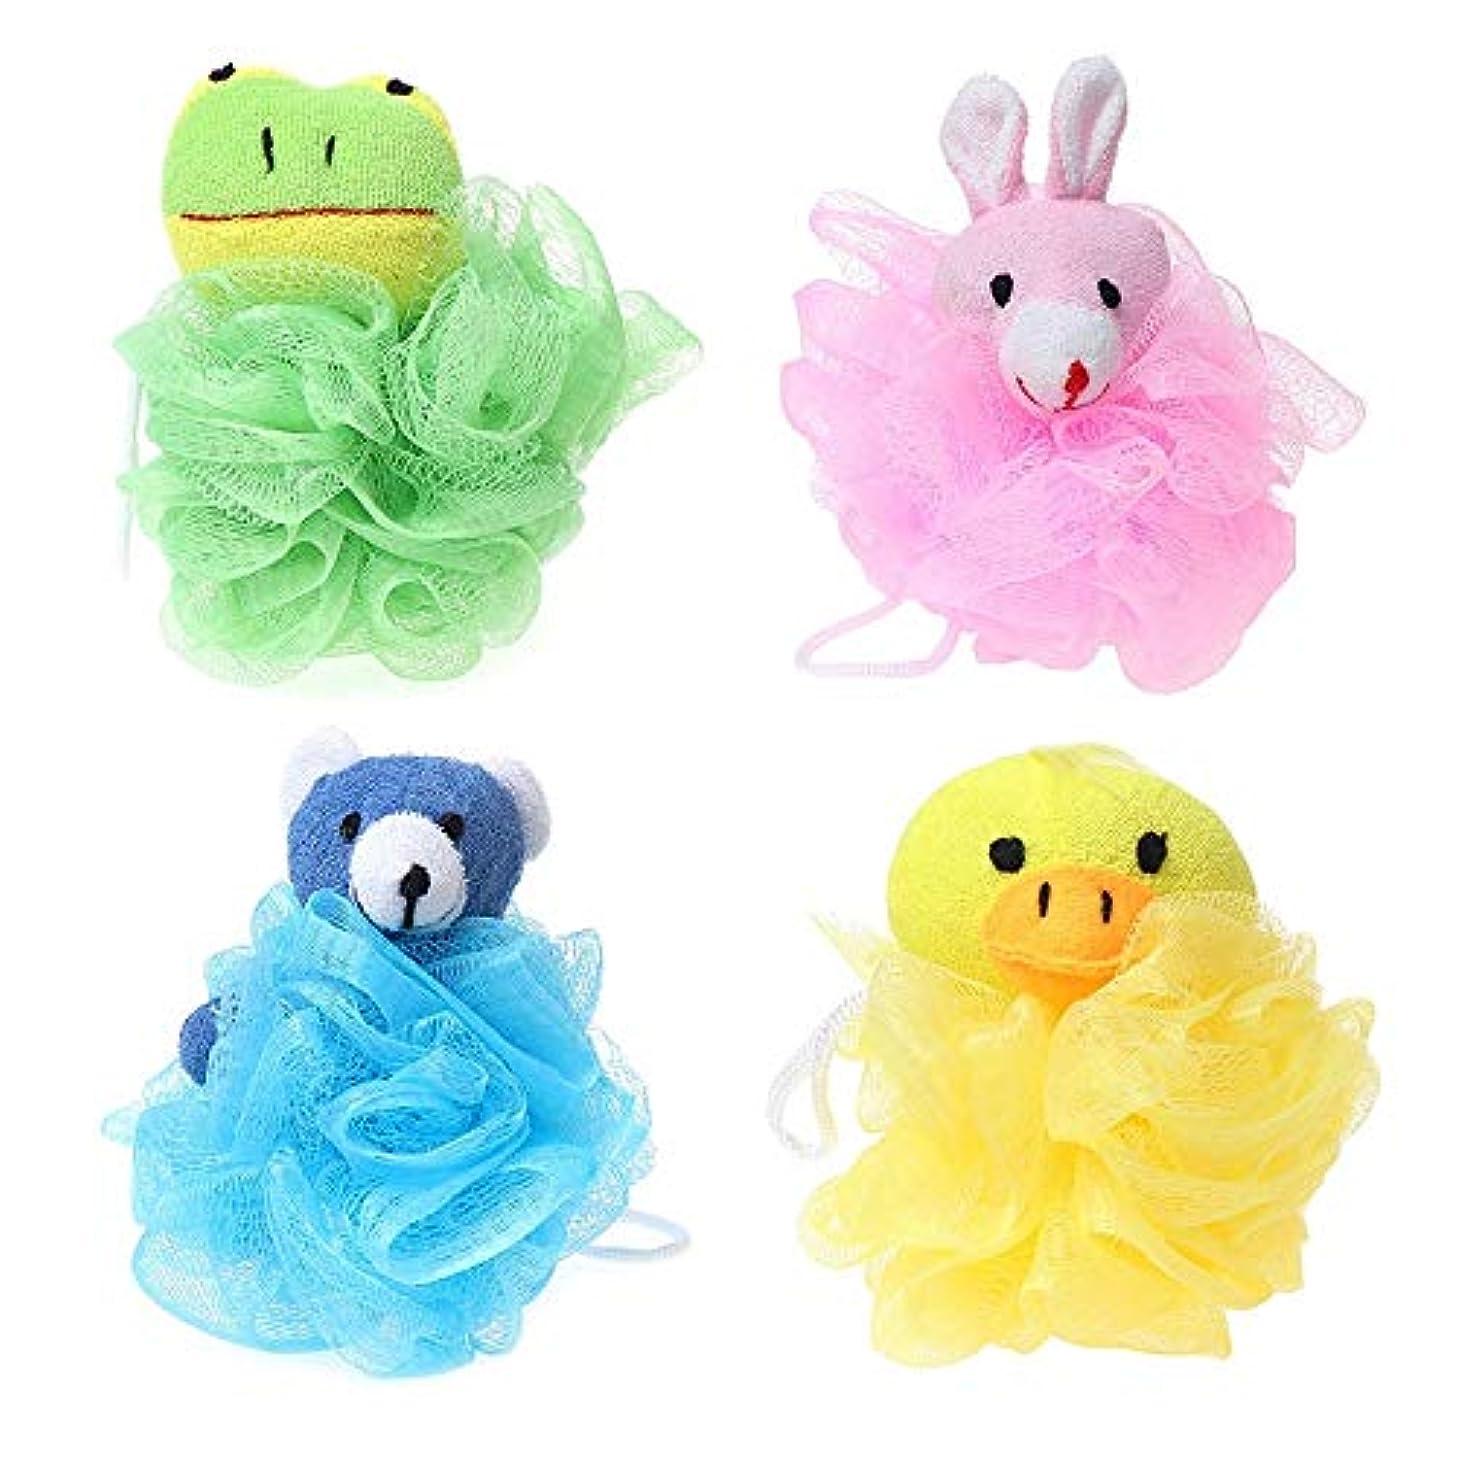 蘇生する内側無線Nrpfell 子供用おもちゃクッションパフメッシュぬいぐるみ付き(4パック)カエル、アヒル、ウサギ、クマ